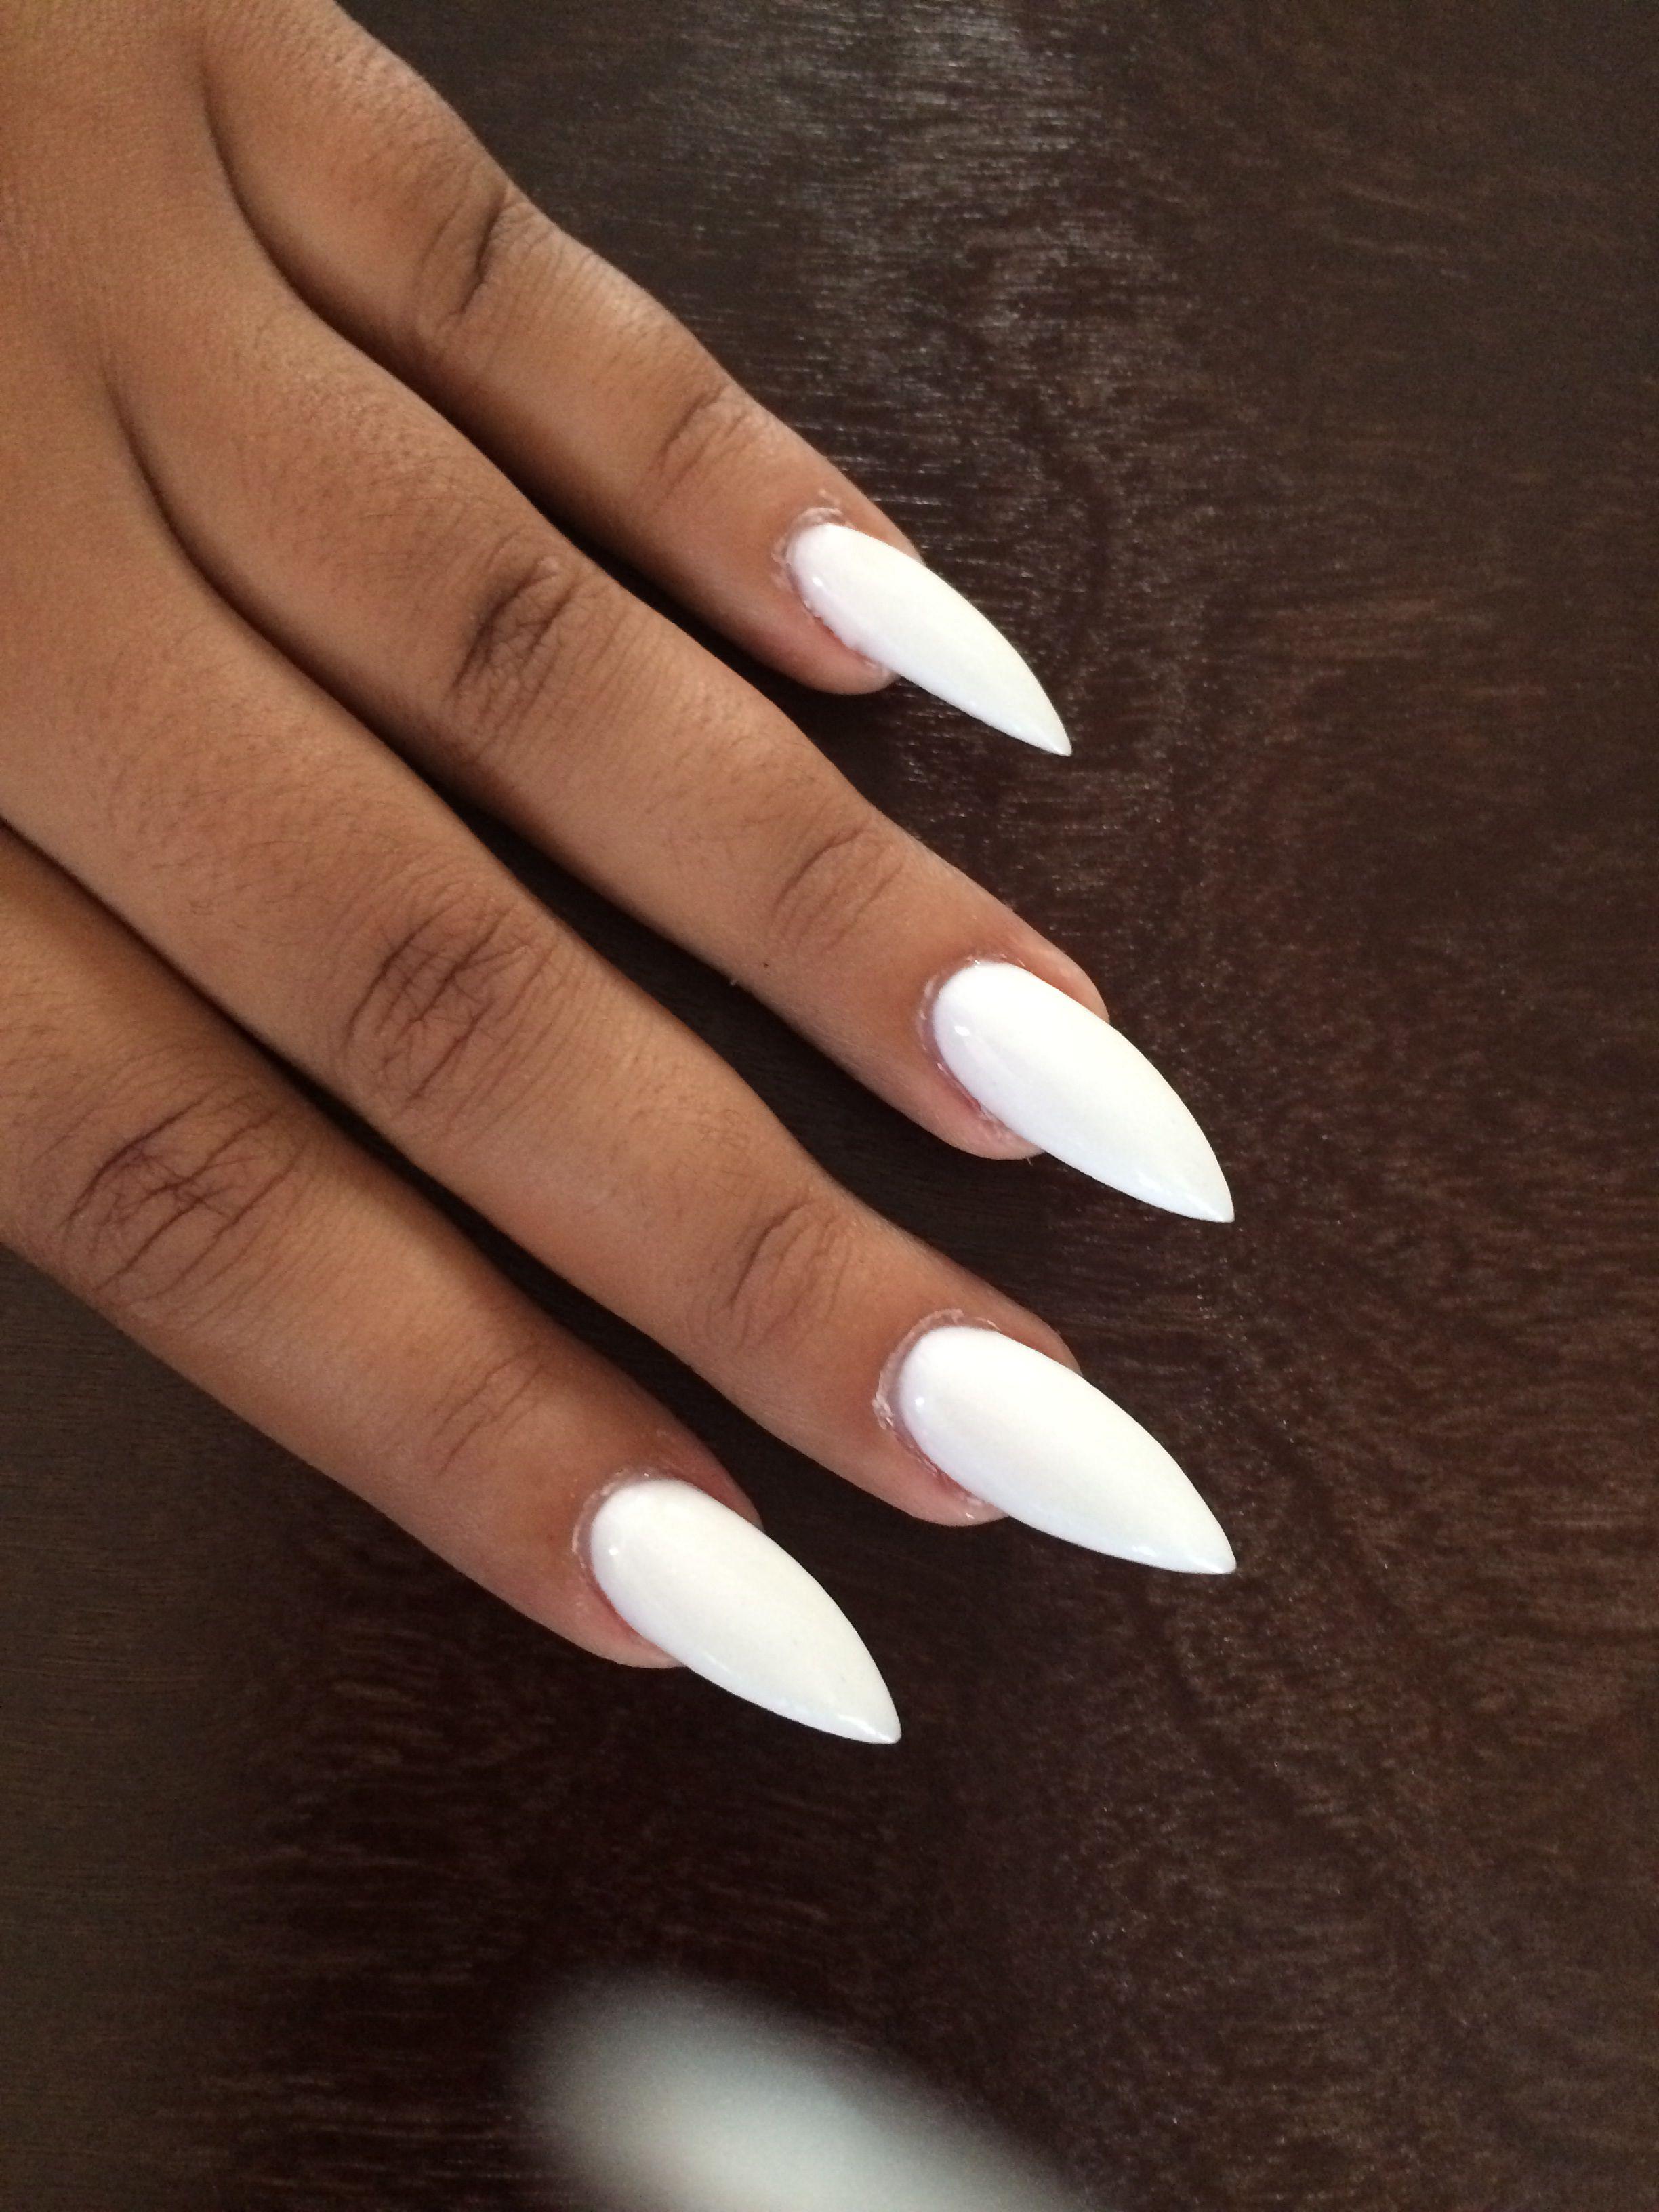 All White Stilletto Nails Stilletto Nails White Stiletto Nails White Nails